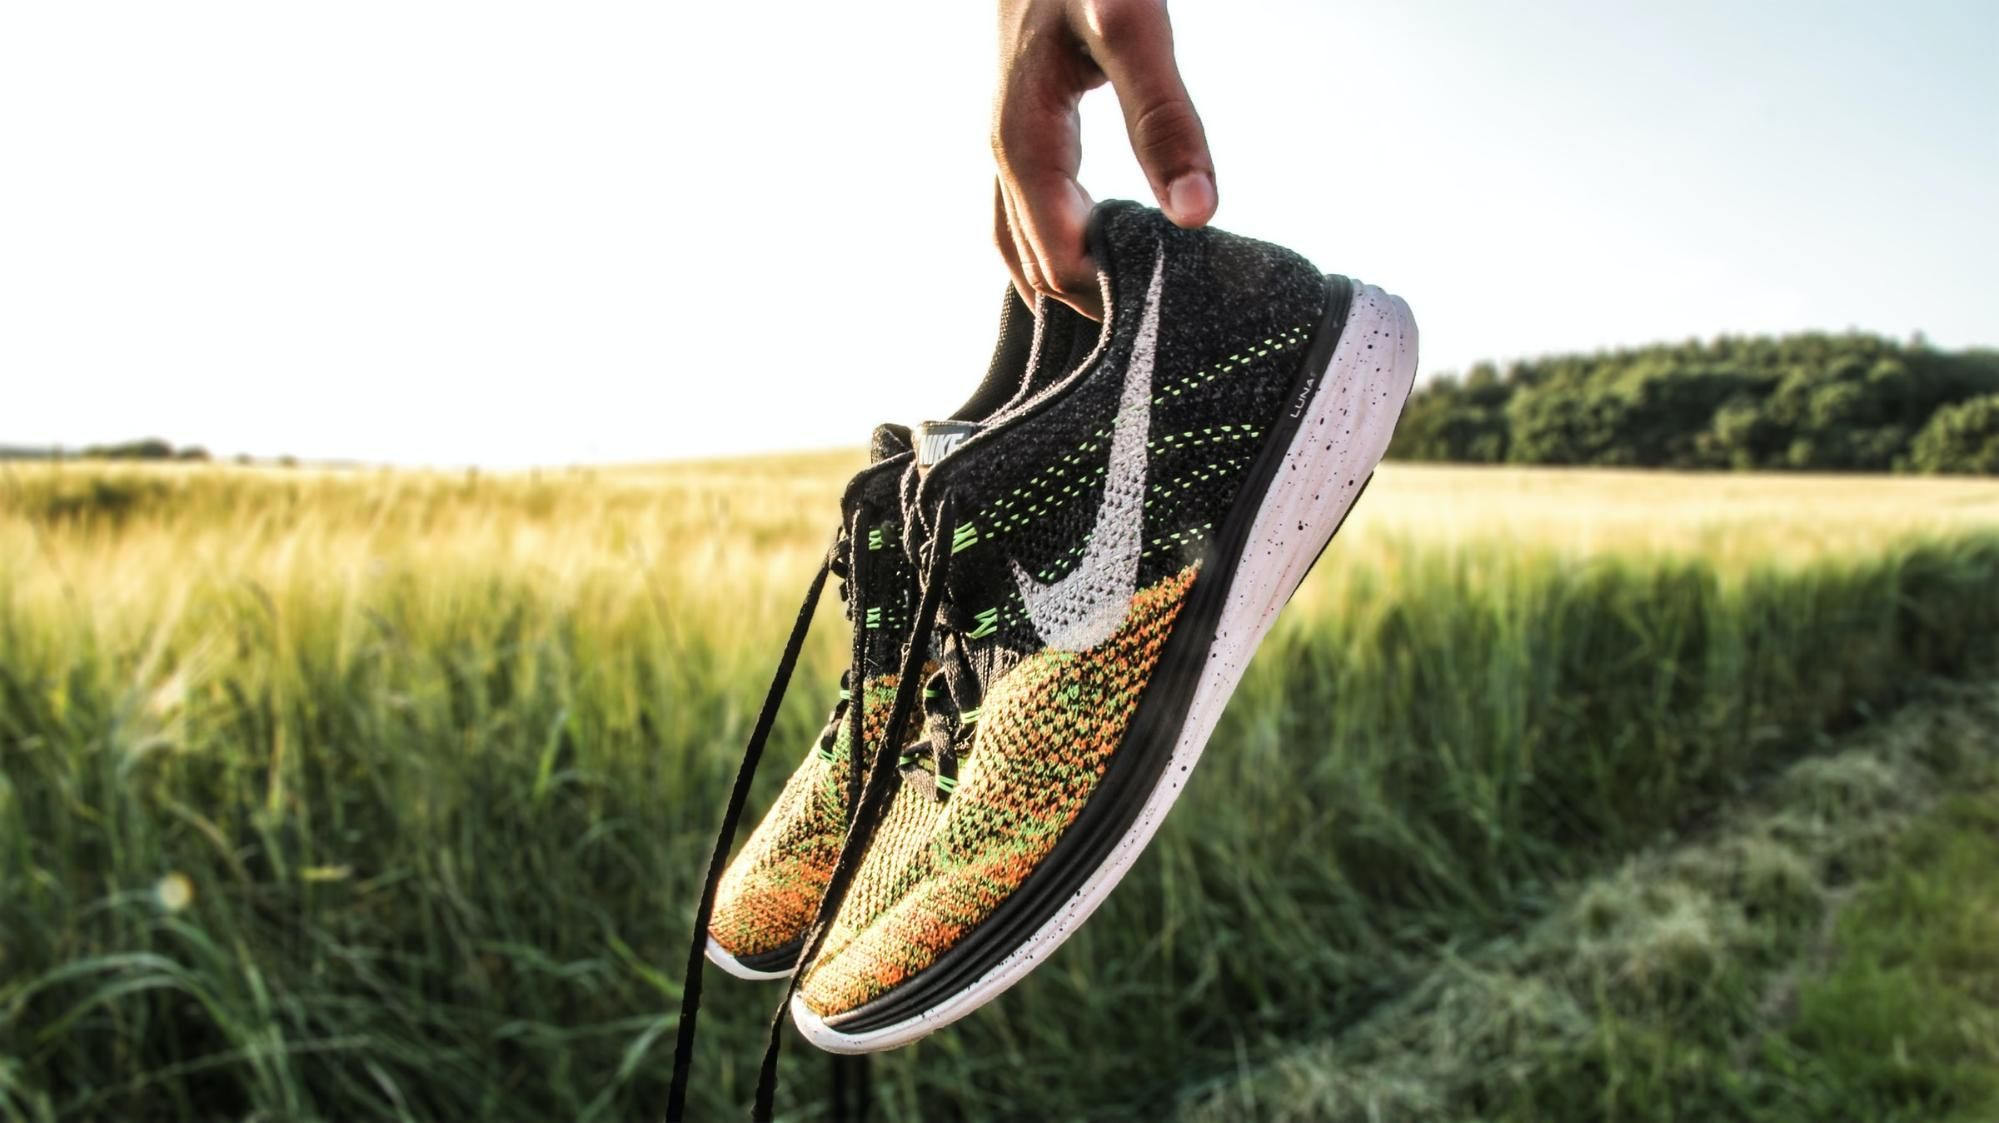 Бег: как начать бегать правильно и эффективно? - изображение 5